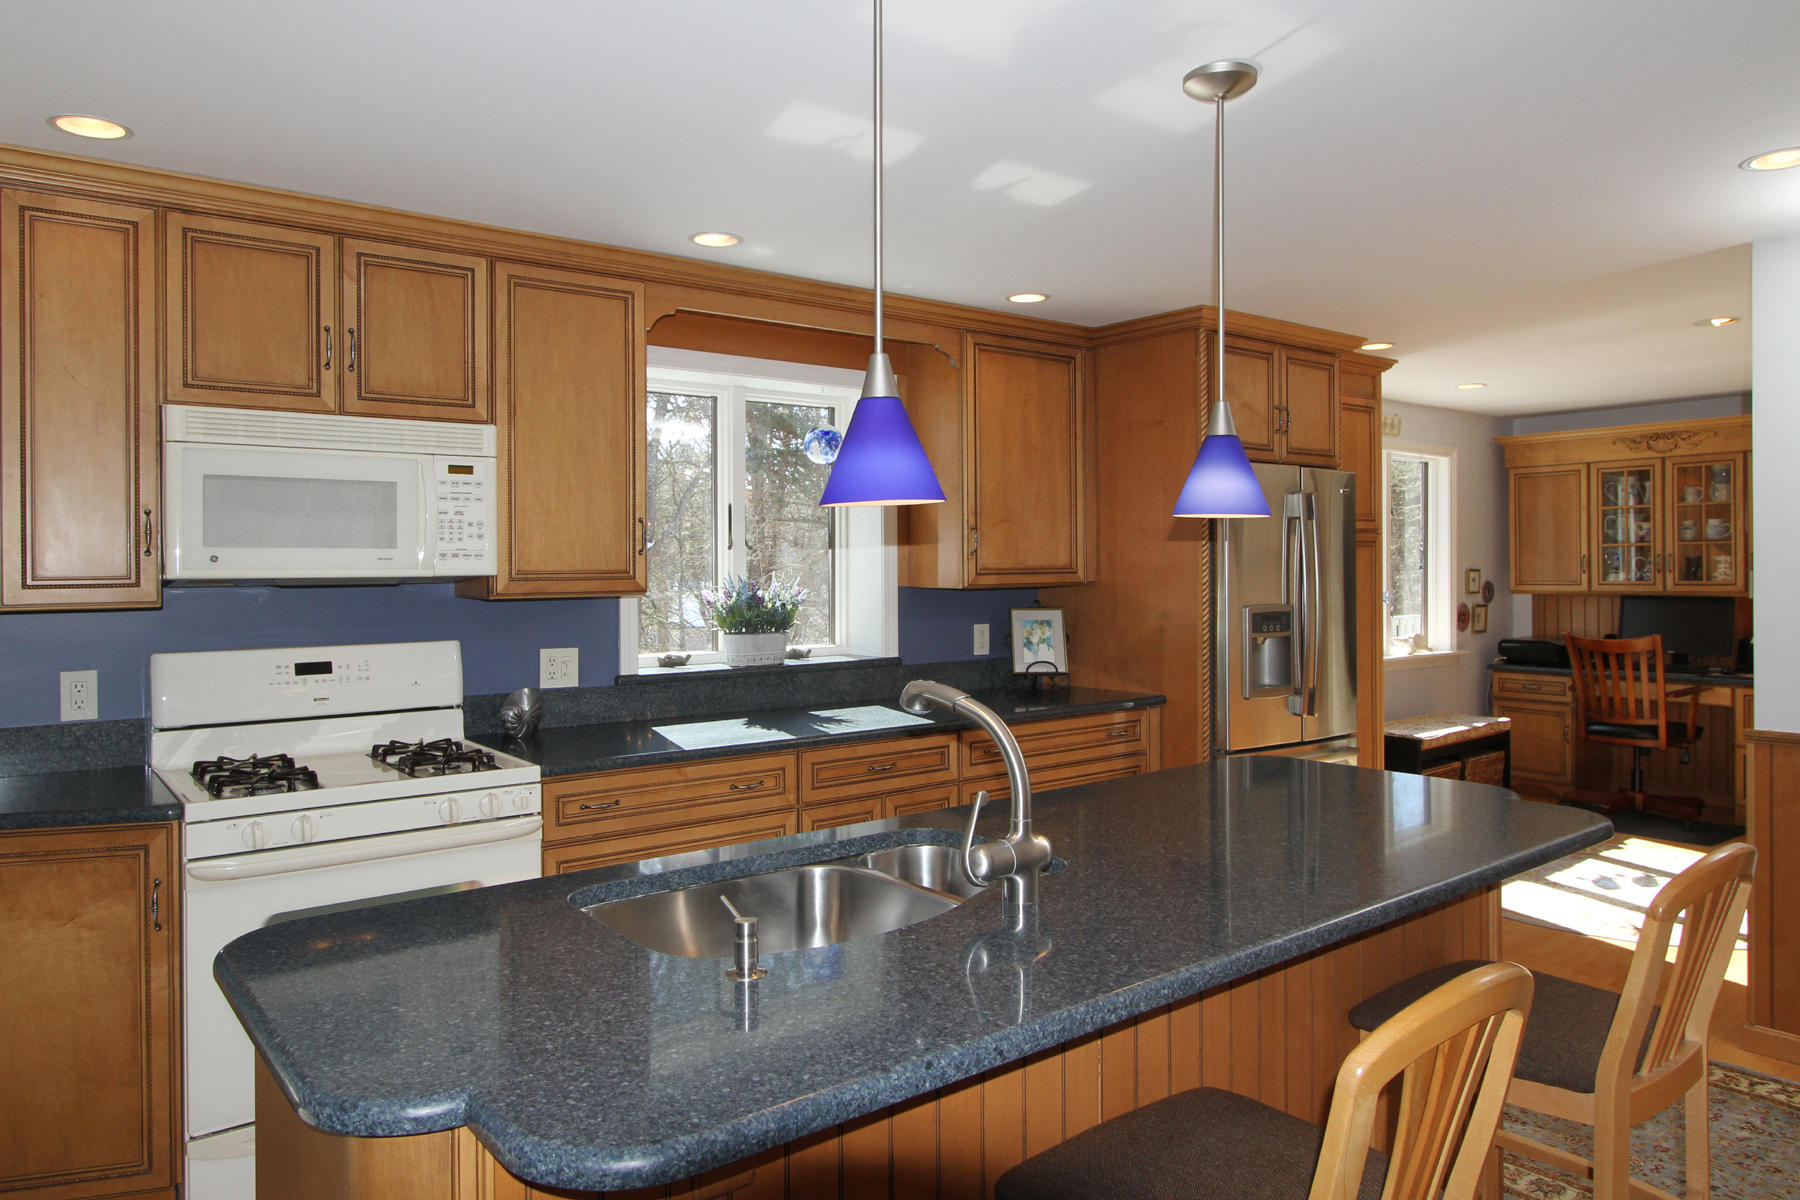 一戸建て のために 売買 アット 364 Training Field Road, Chatham, MA Chatham, マサチューセッツ, 02633 アメリカ合衆国